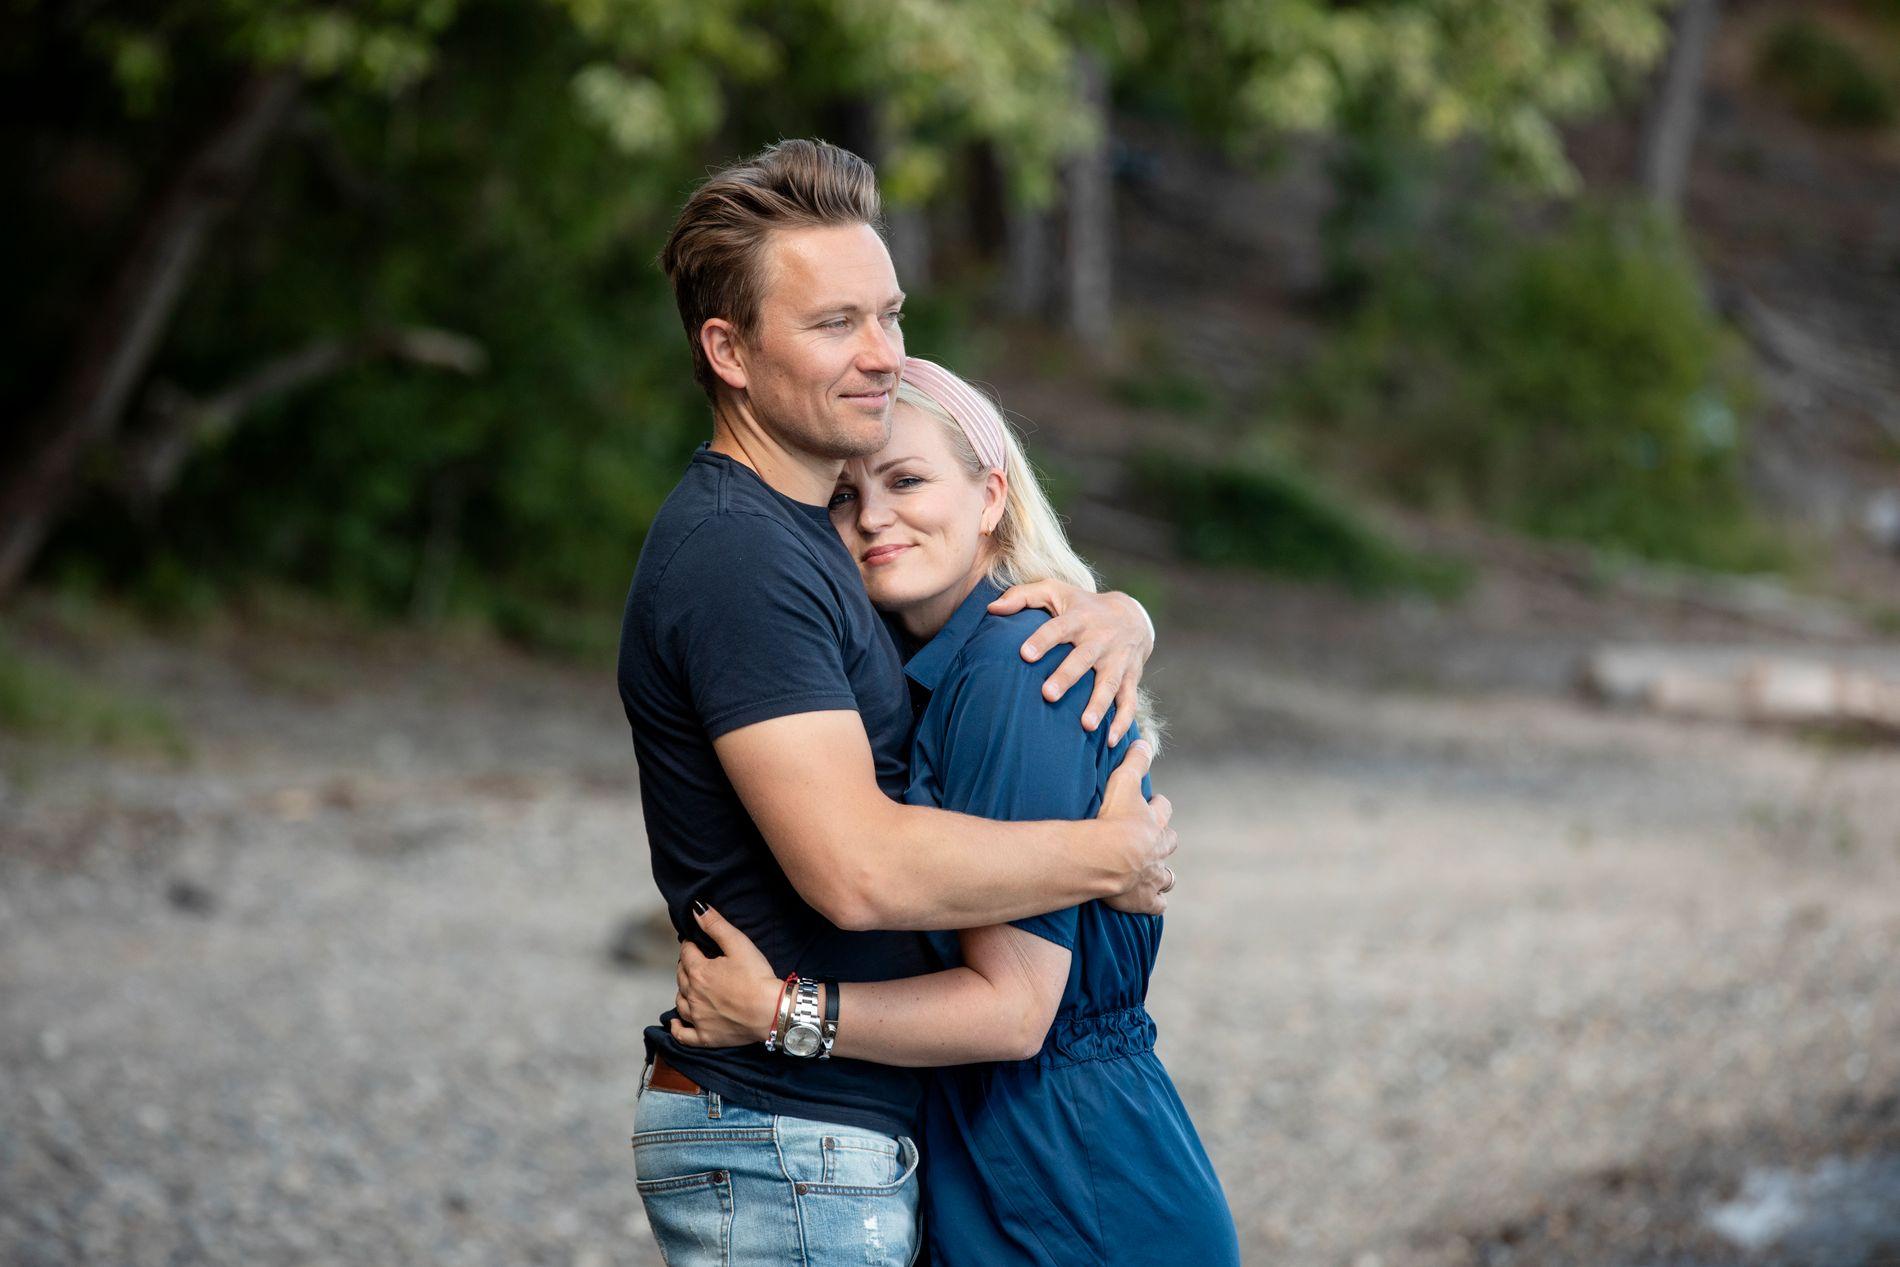 KJENDISPAR: Guro Fostervold Tvedten og ektemannen Håvard Tvedten under et intervju med VG i fjor.